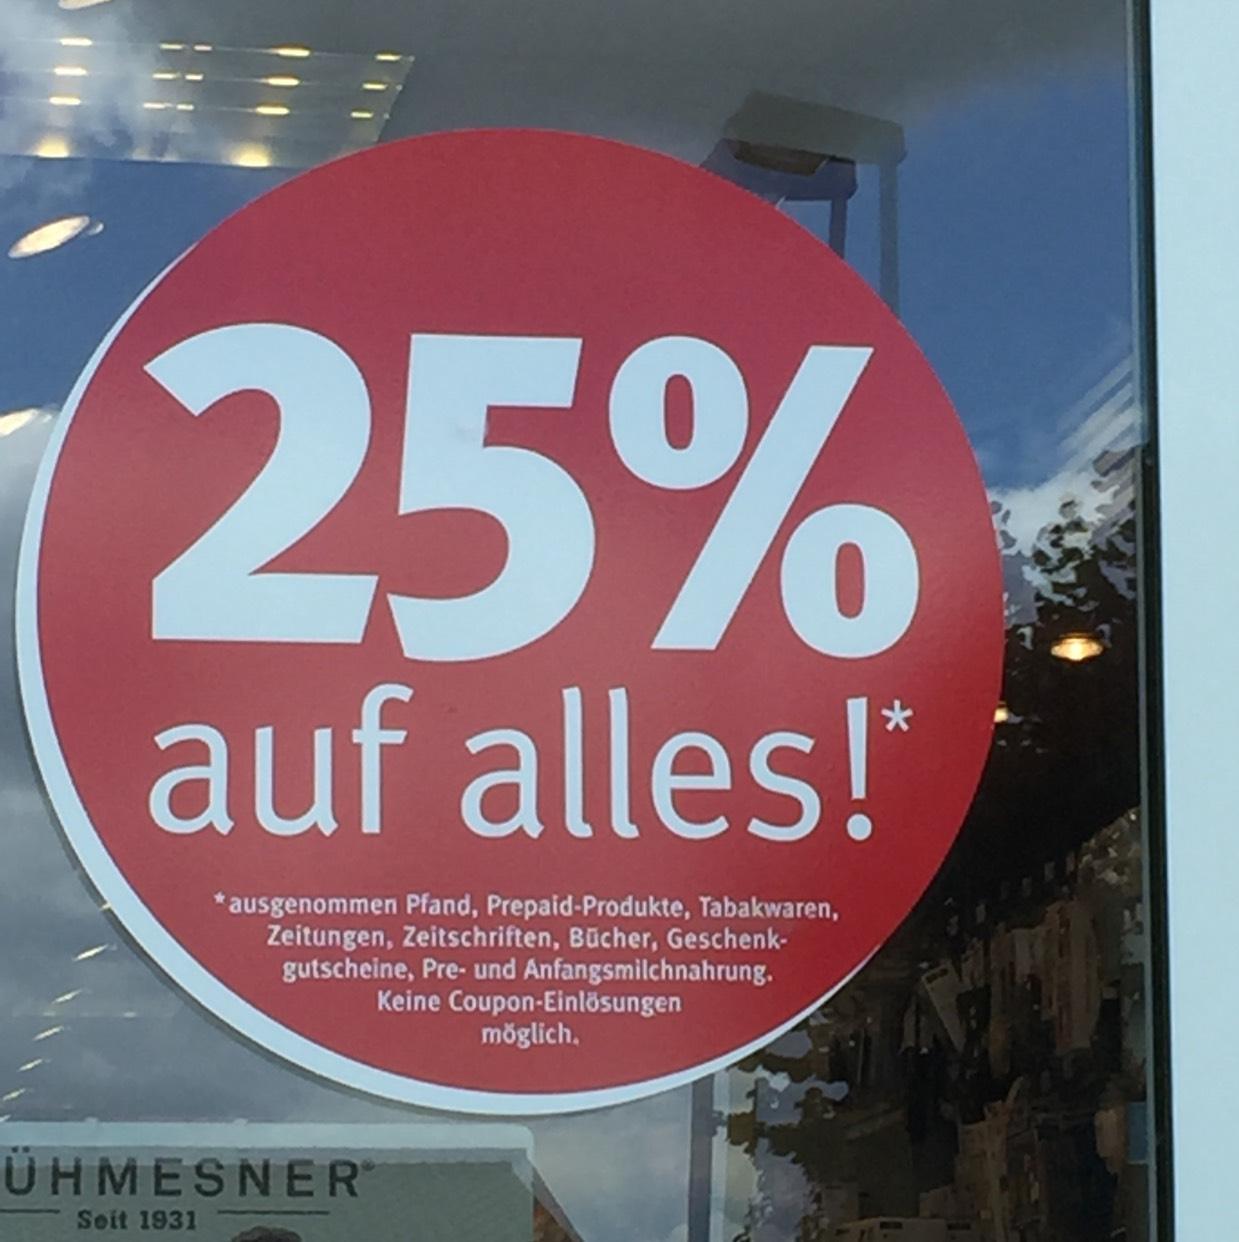 [LOKAL Ritterhude bei Bremen] Rossmann 25% auf Alles wg. Umzug